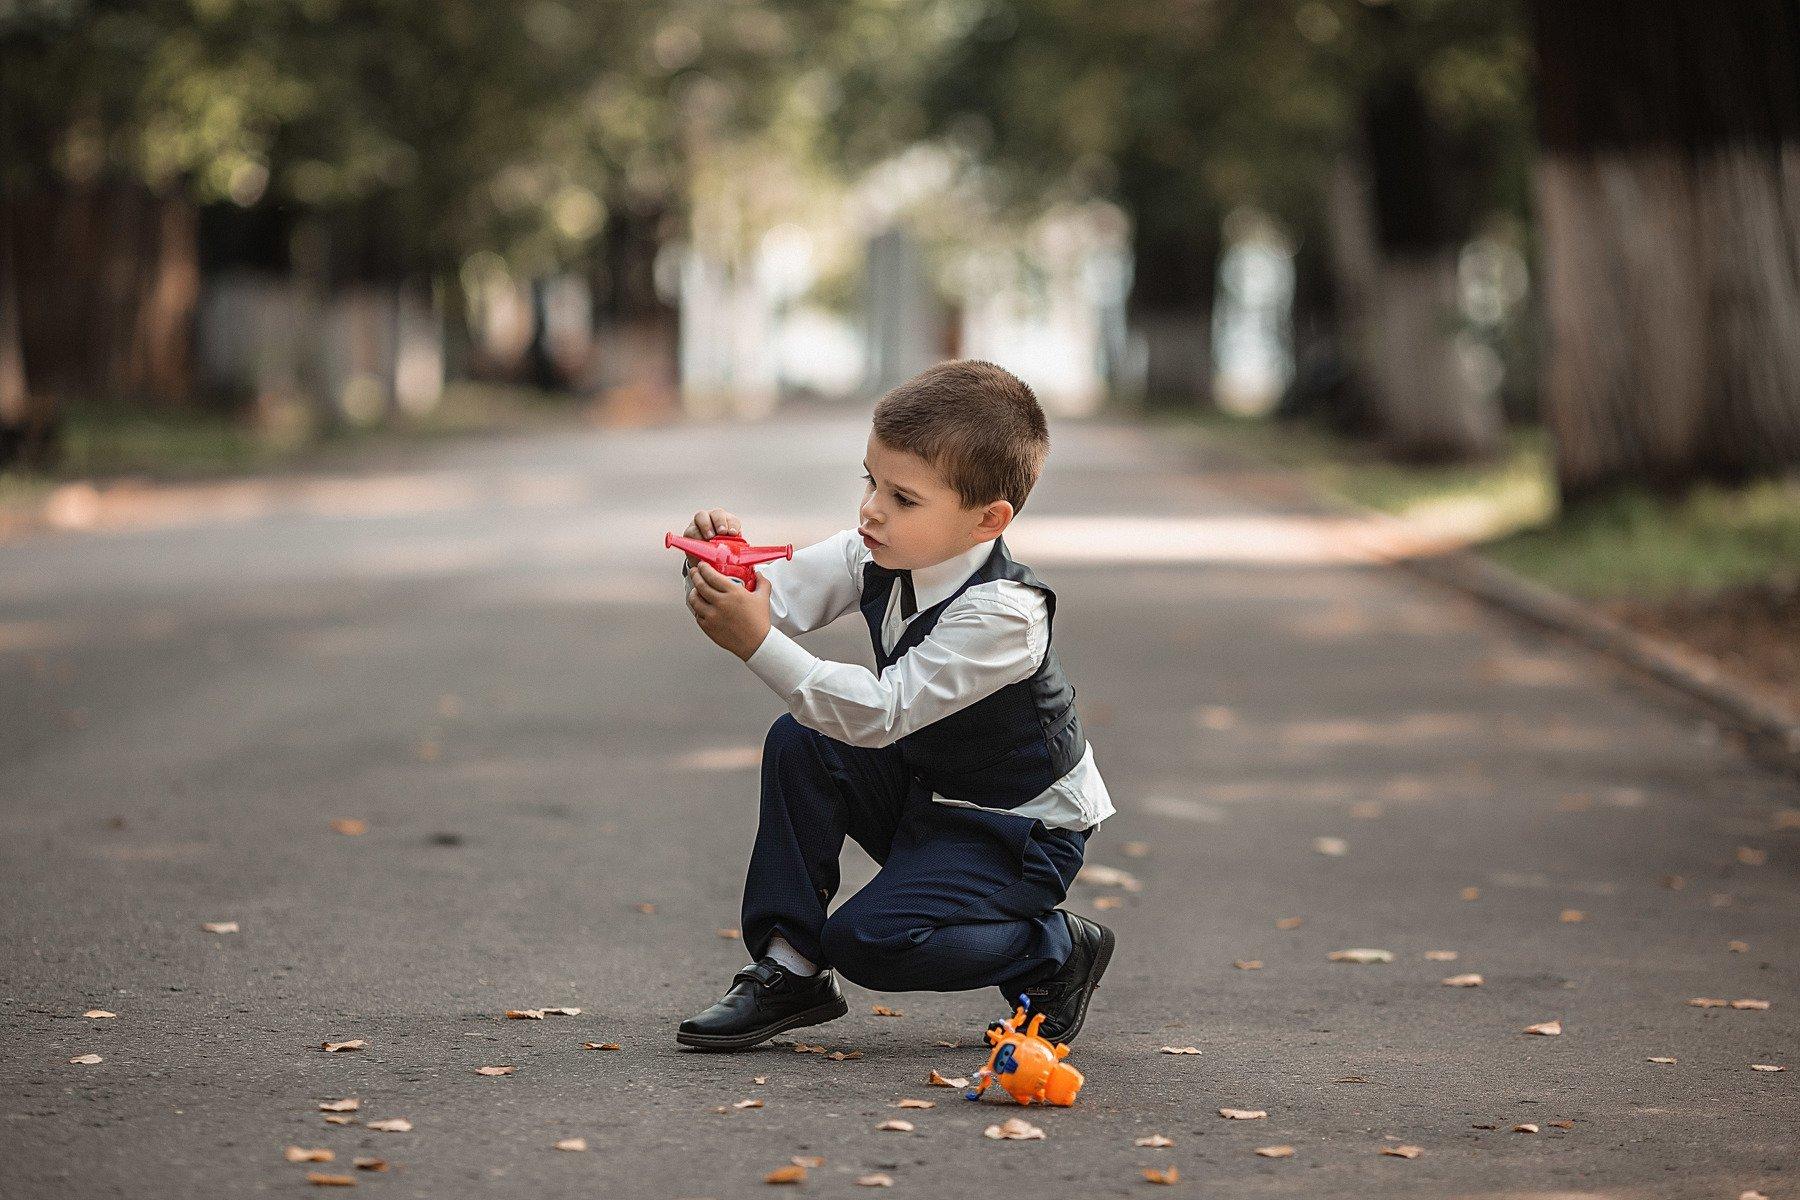 мальчик, фотосессия, лето, прогулка, парк, репортаж, дети, boy, summer, children, toys, planes, Васильев Владимир